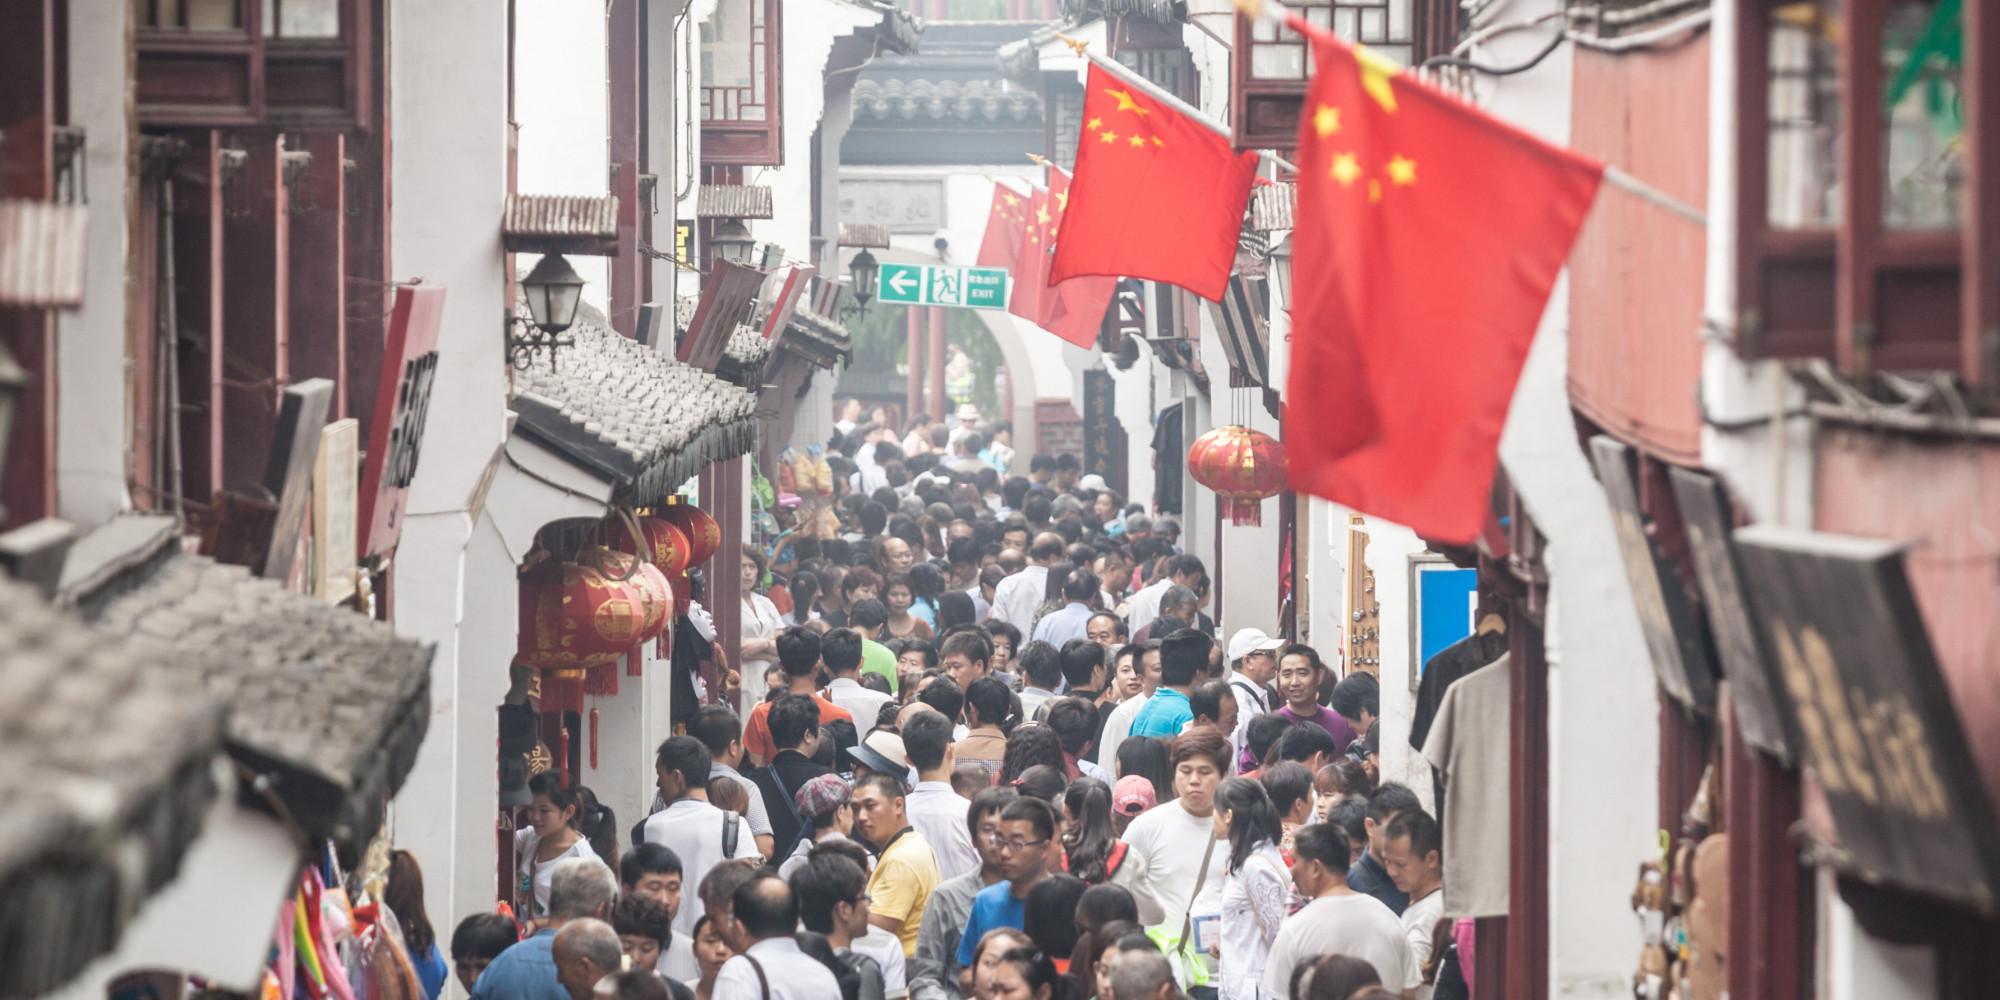 10 dinge die man in shanghai besser lassen sollte carina obster